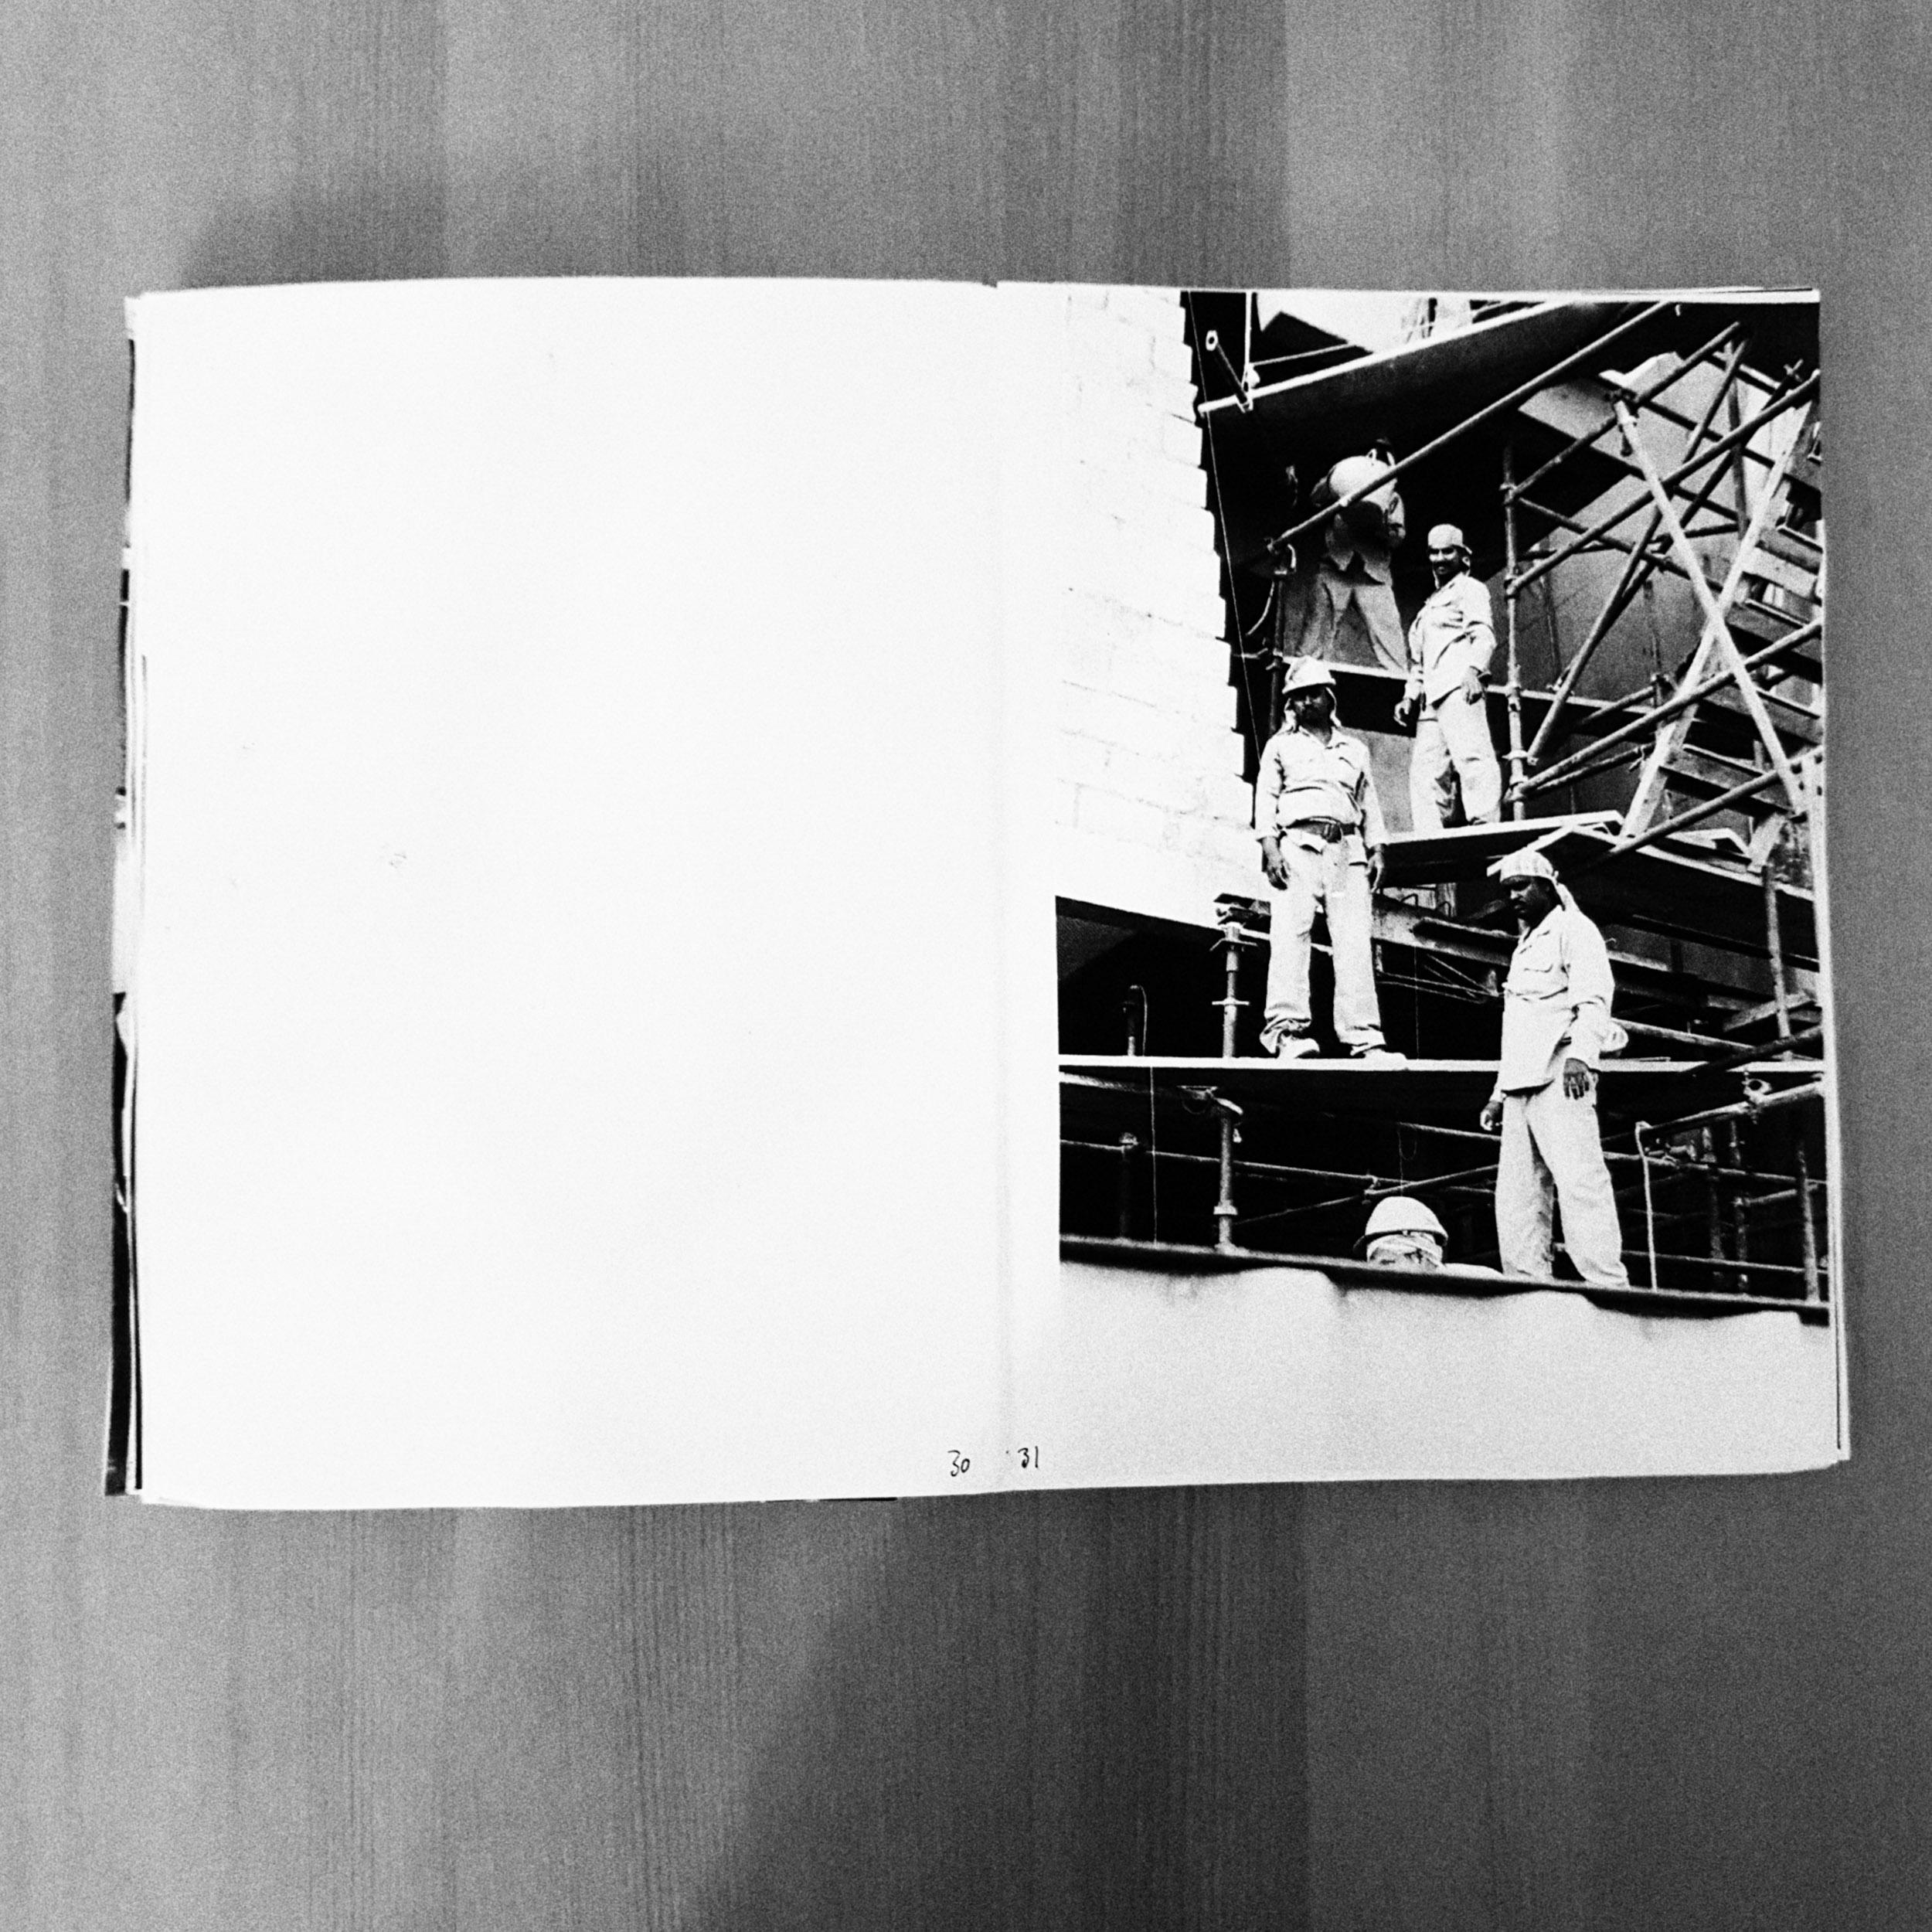 WOF_photobook-blog-11.06.18-s (23 von 25).jpg